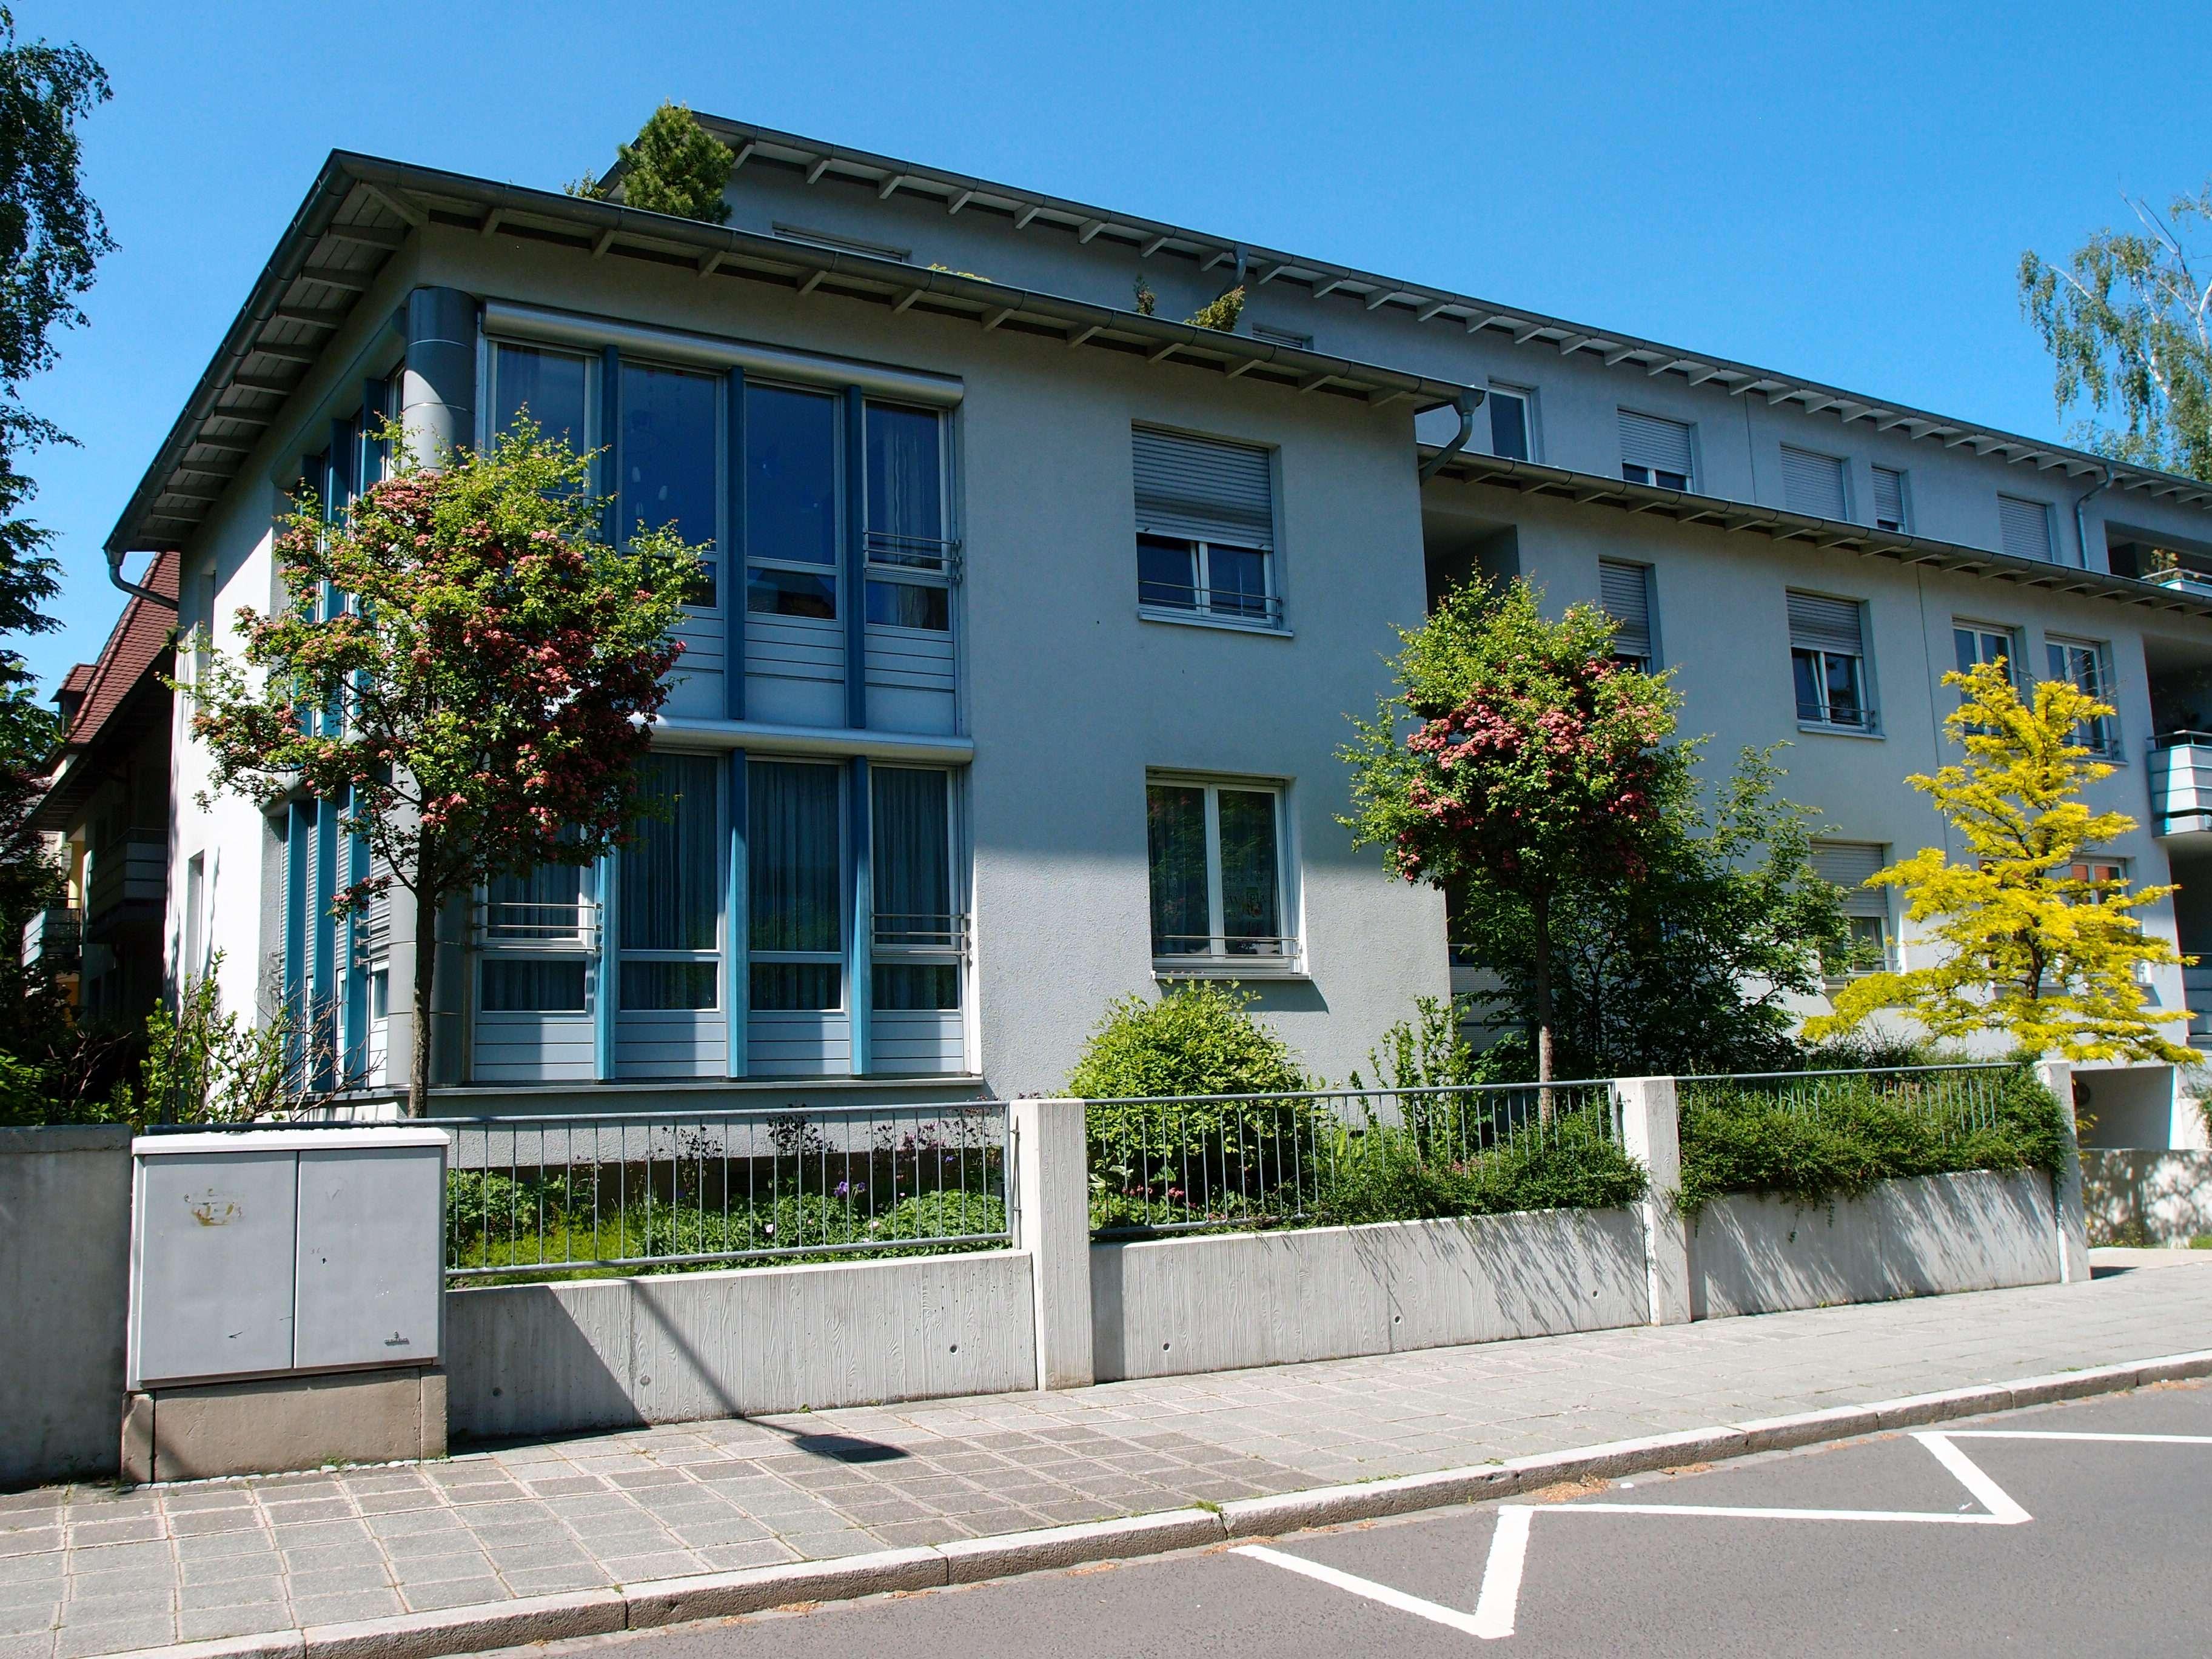 Ruhig gelegene 2-Zimmer-Erdgeschosswohnung  mit Terrasse in gepflegtem Anwesen